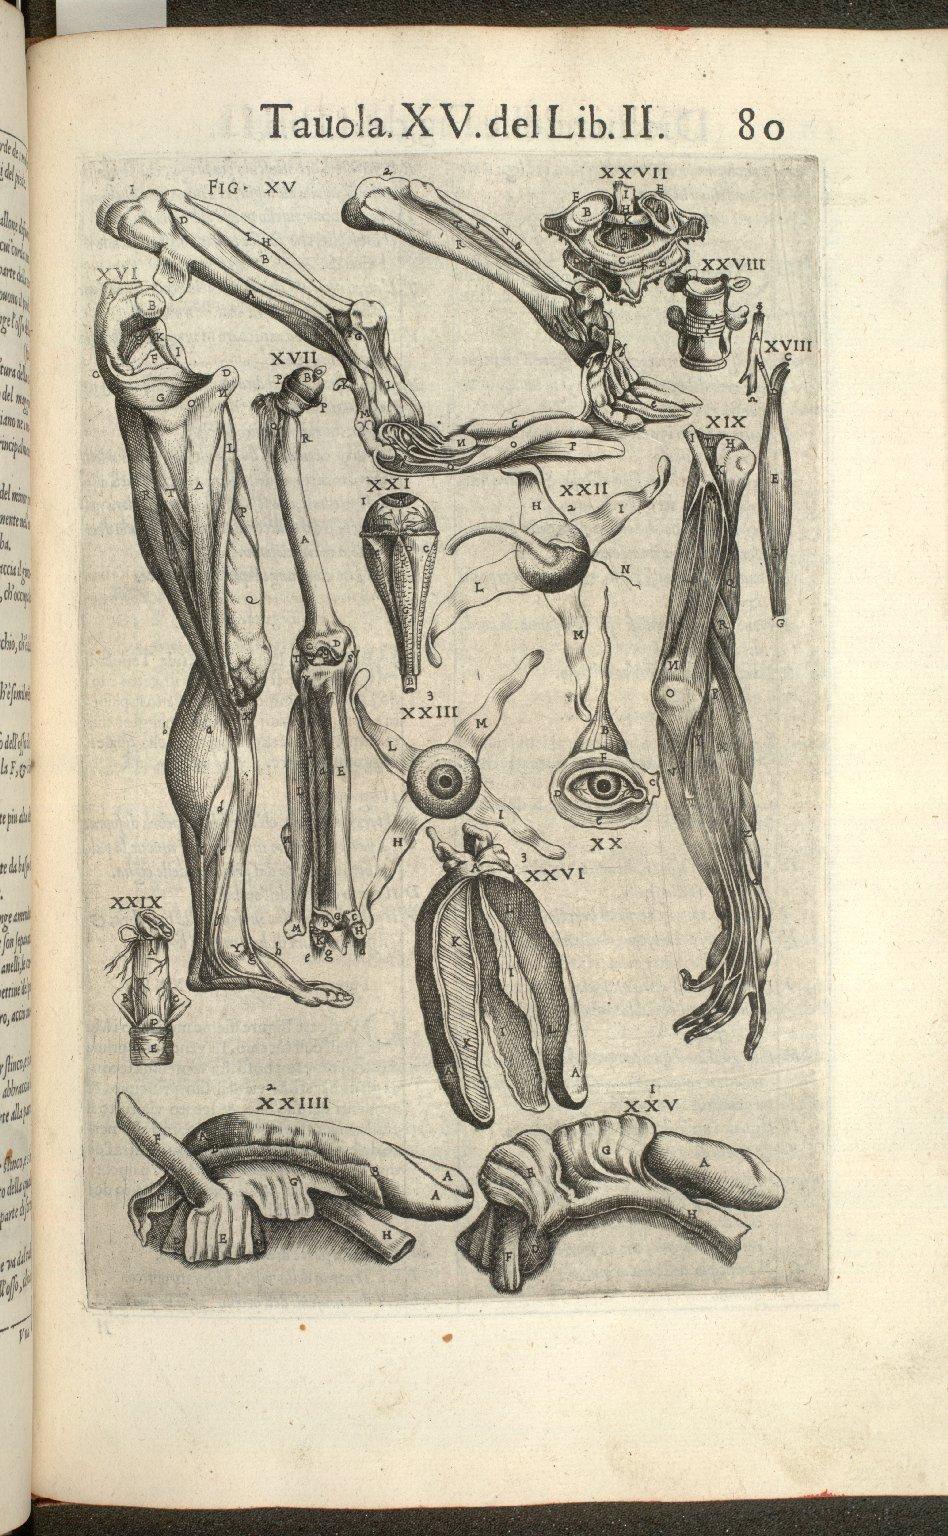 Tavola XV de Lib. II